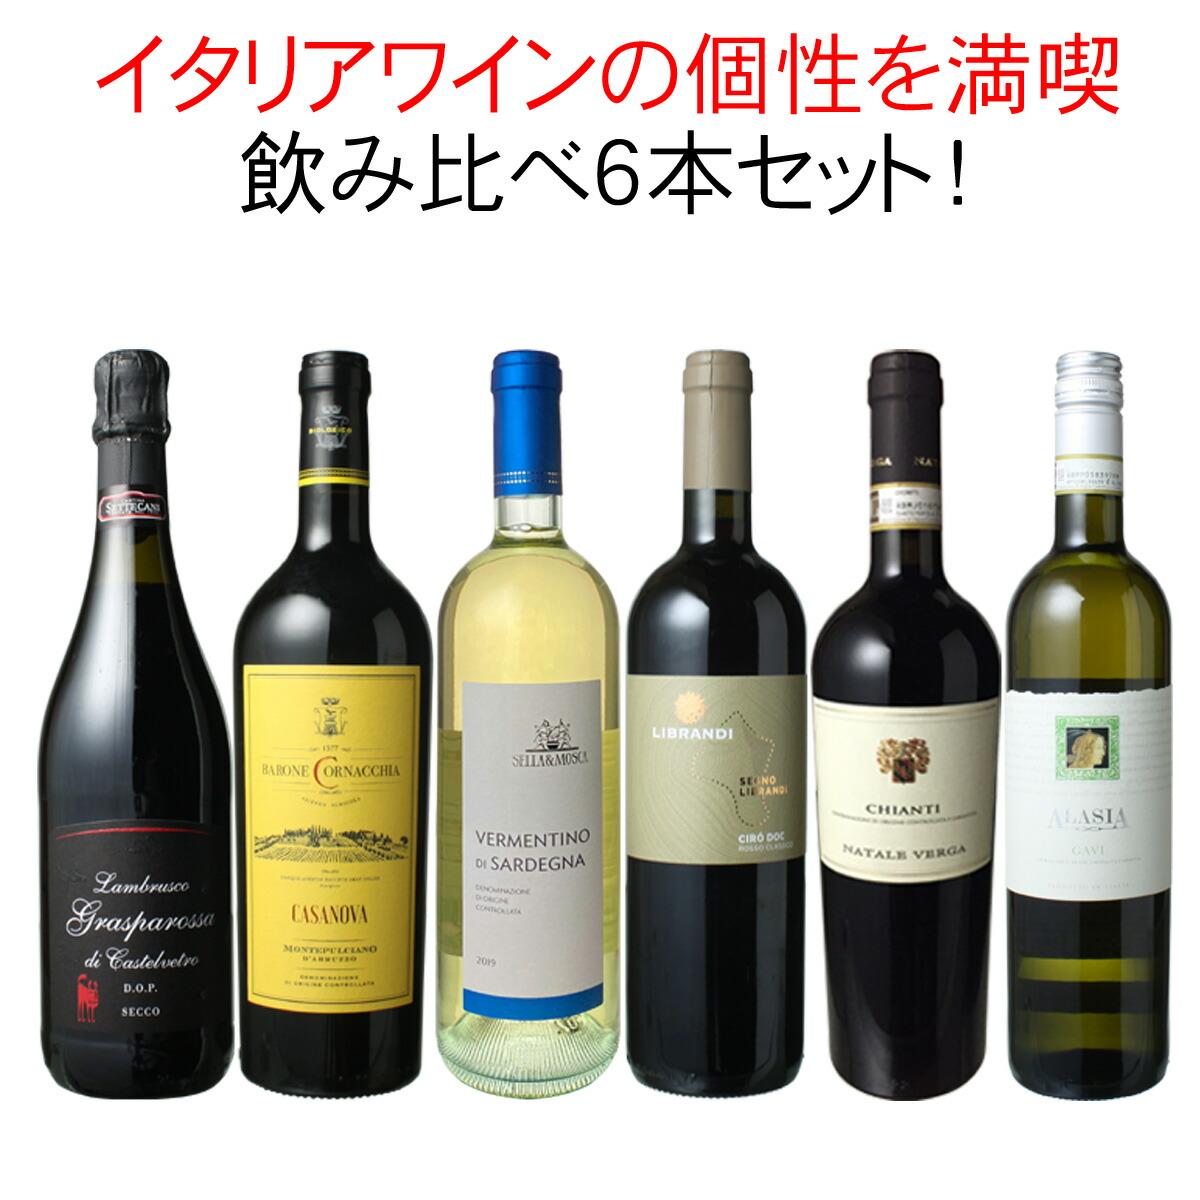 ワインセット イタリアの名産地をめぐる 飲み比べ イタリアワイン 6本 セット イタリア大好き キャンティ ランブルスコ